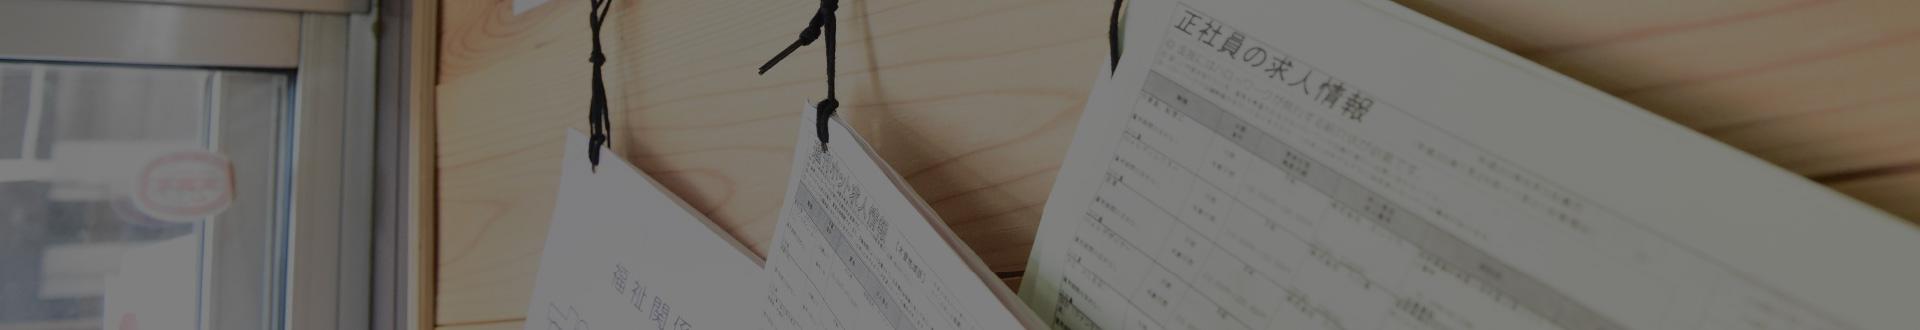 【伊那】飯田出張相談 8/27(木)・9/10(木)